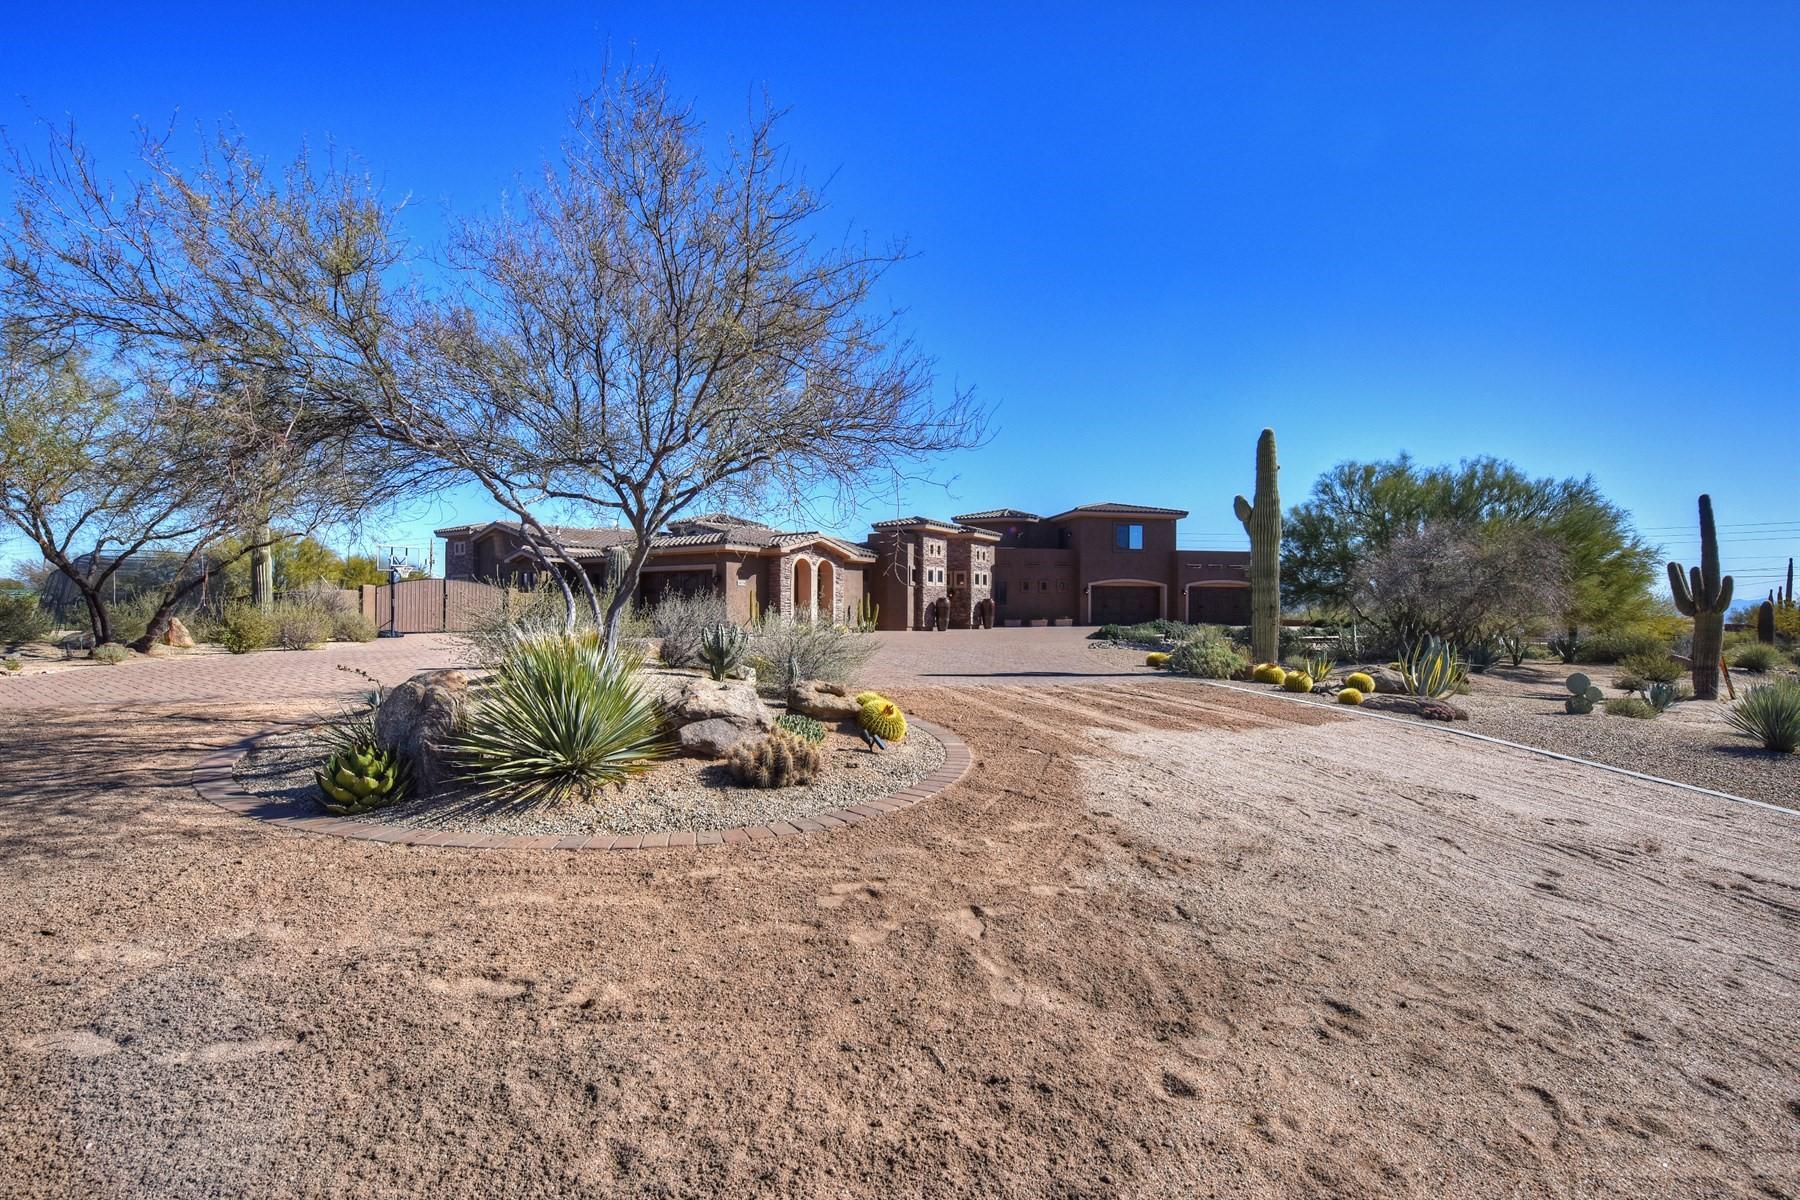 獨棟家庭住宅 為 出售 在 Impeccably maintained home in the gated community of Granite Mountain Ranch 14334 E Windstone Trl Scottsdale, 亞利桑那州, 85262 美國